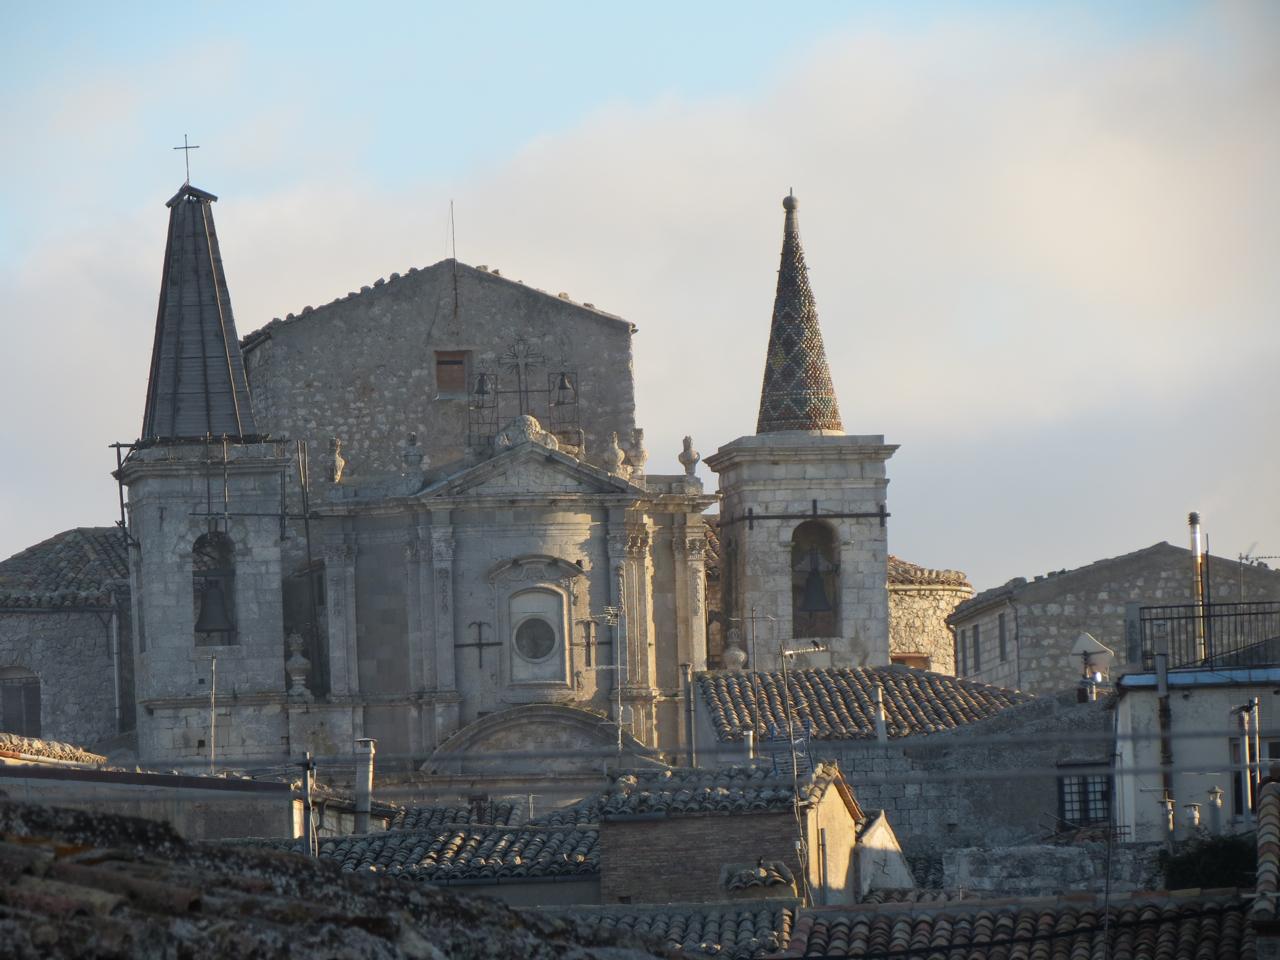 view of Santa Maria di Loreto over the roofs of Petralia Soprana